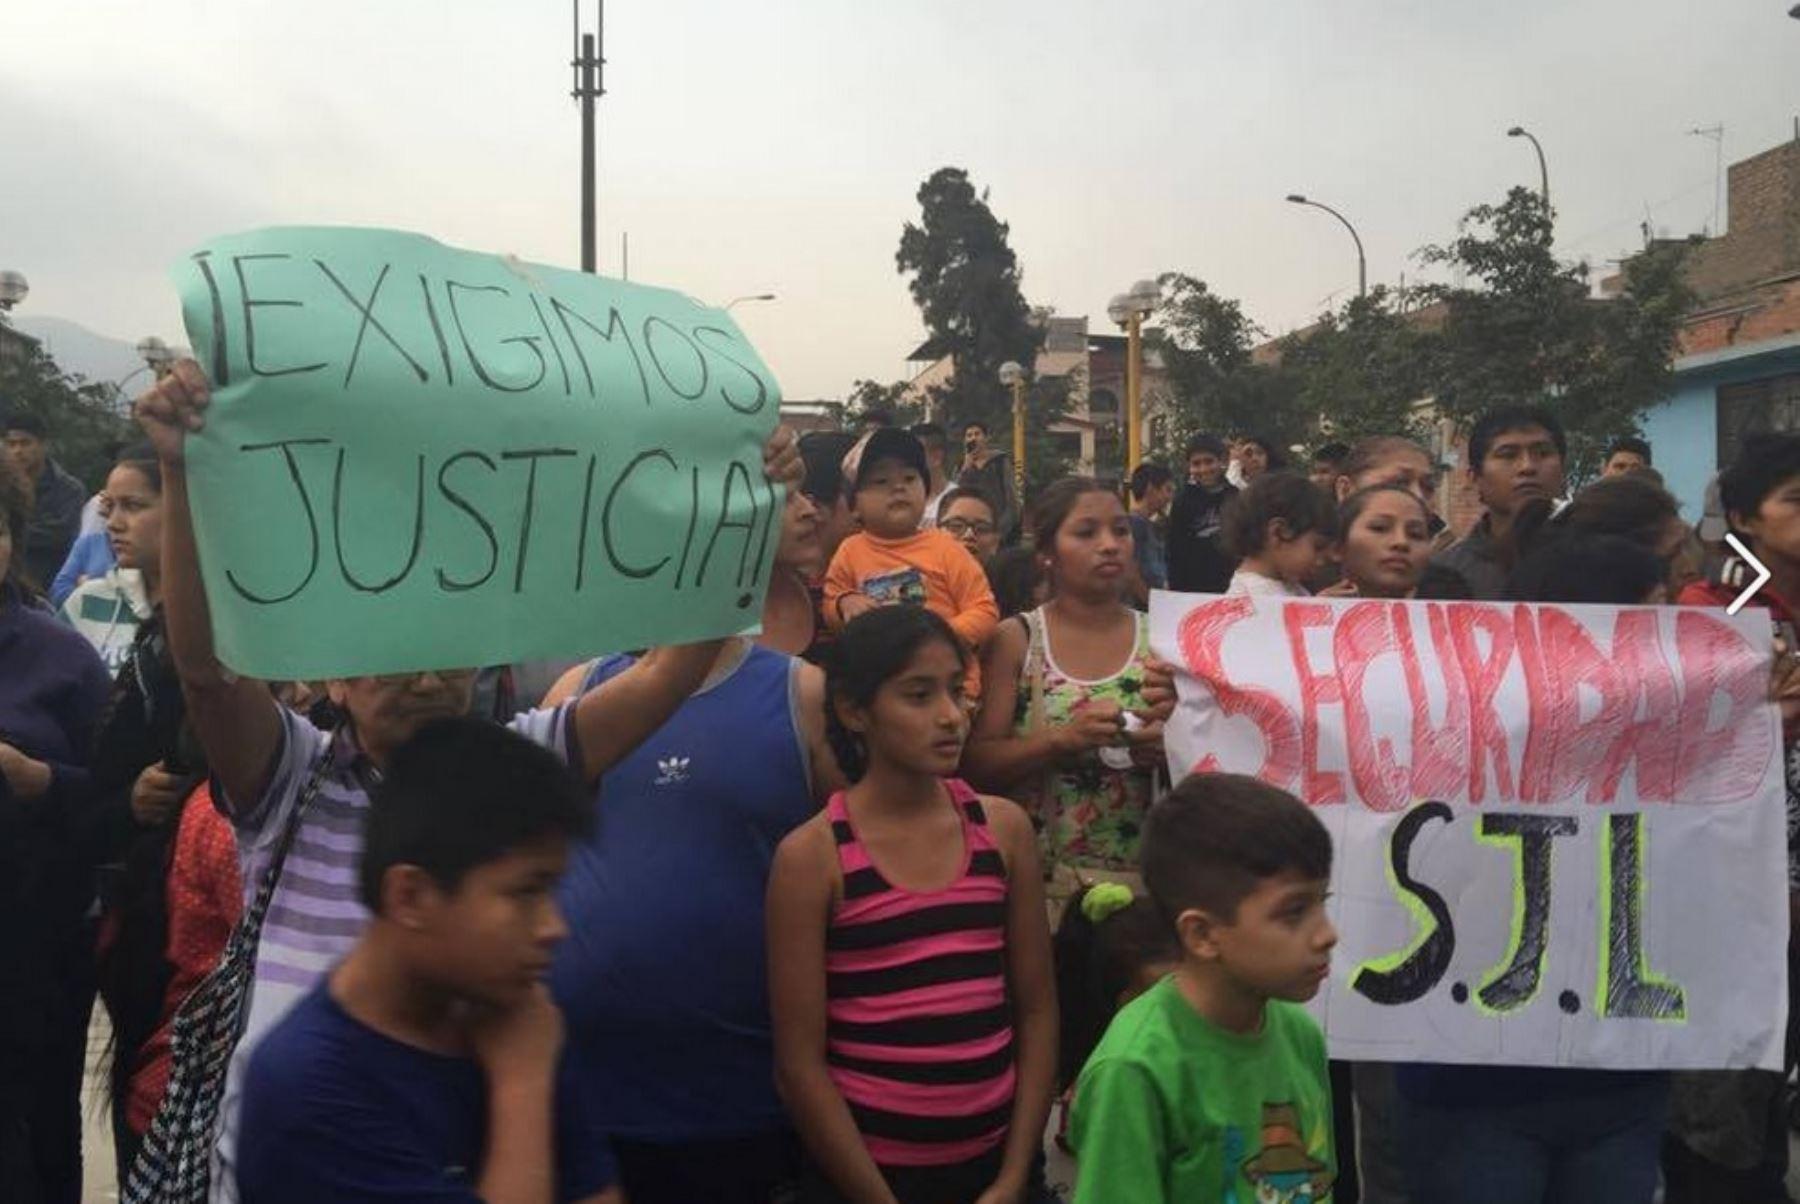 Habitantes piden justicia y más seguridad. Foto: Esther Vargas/Andina